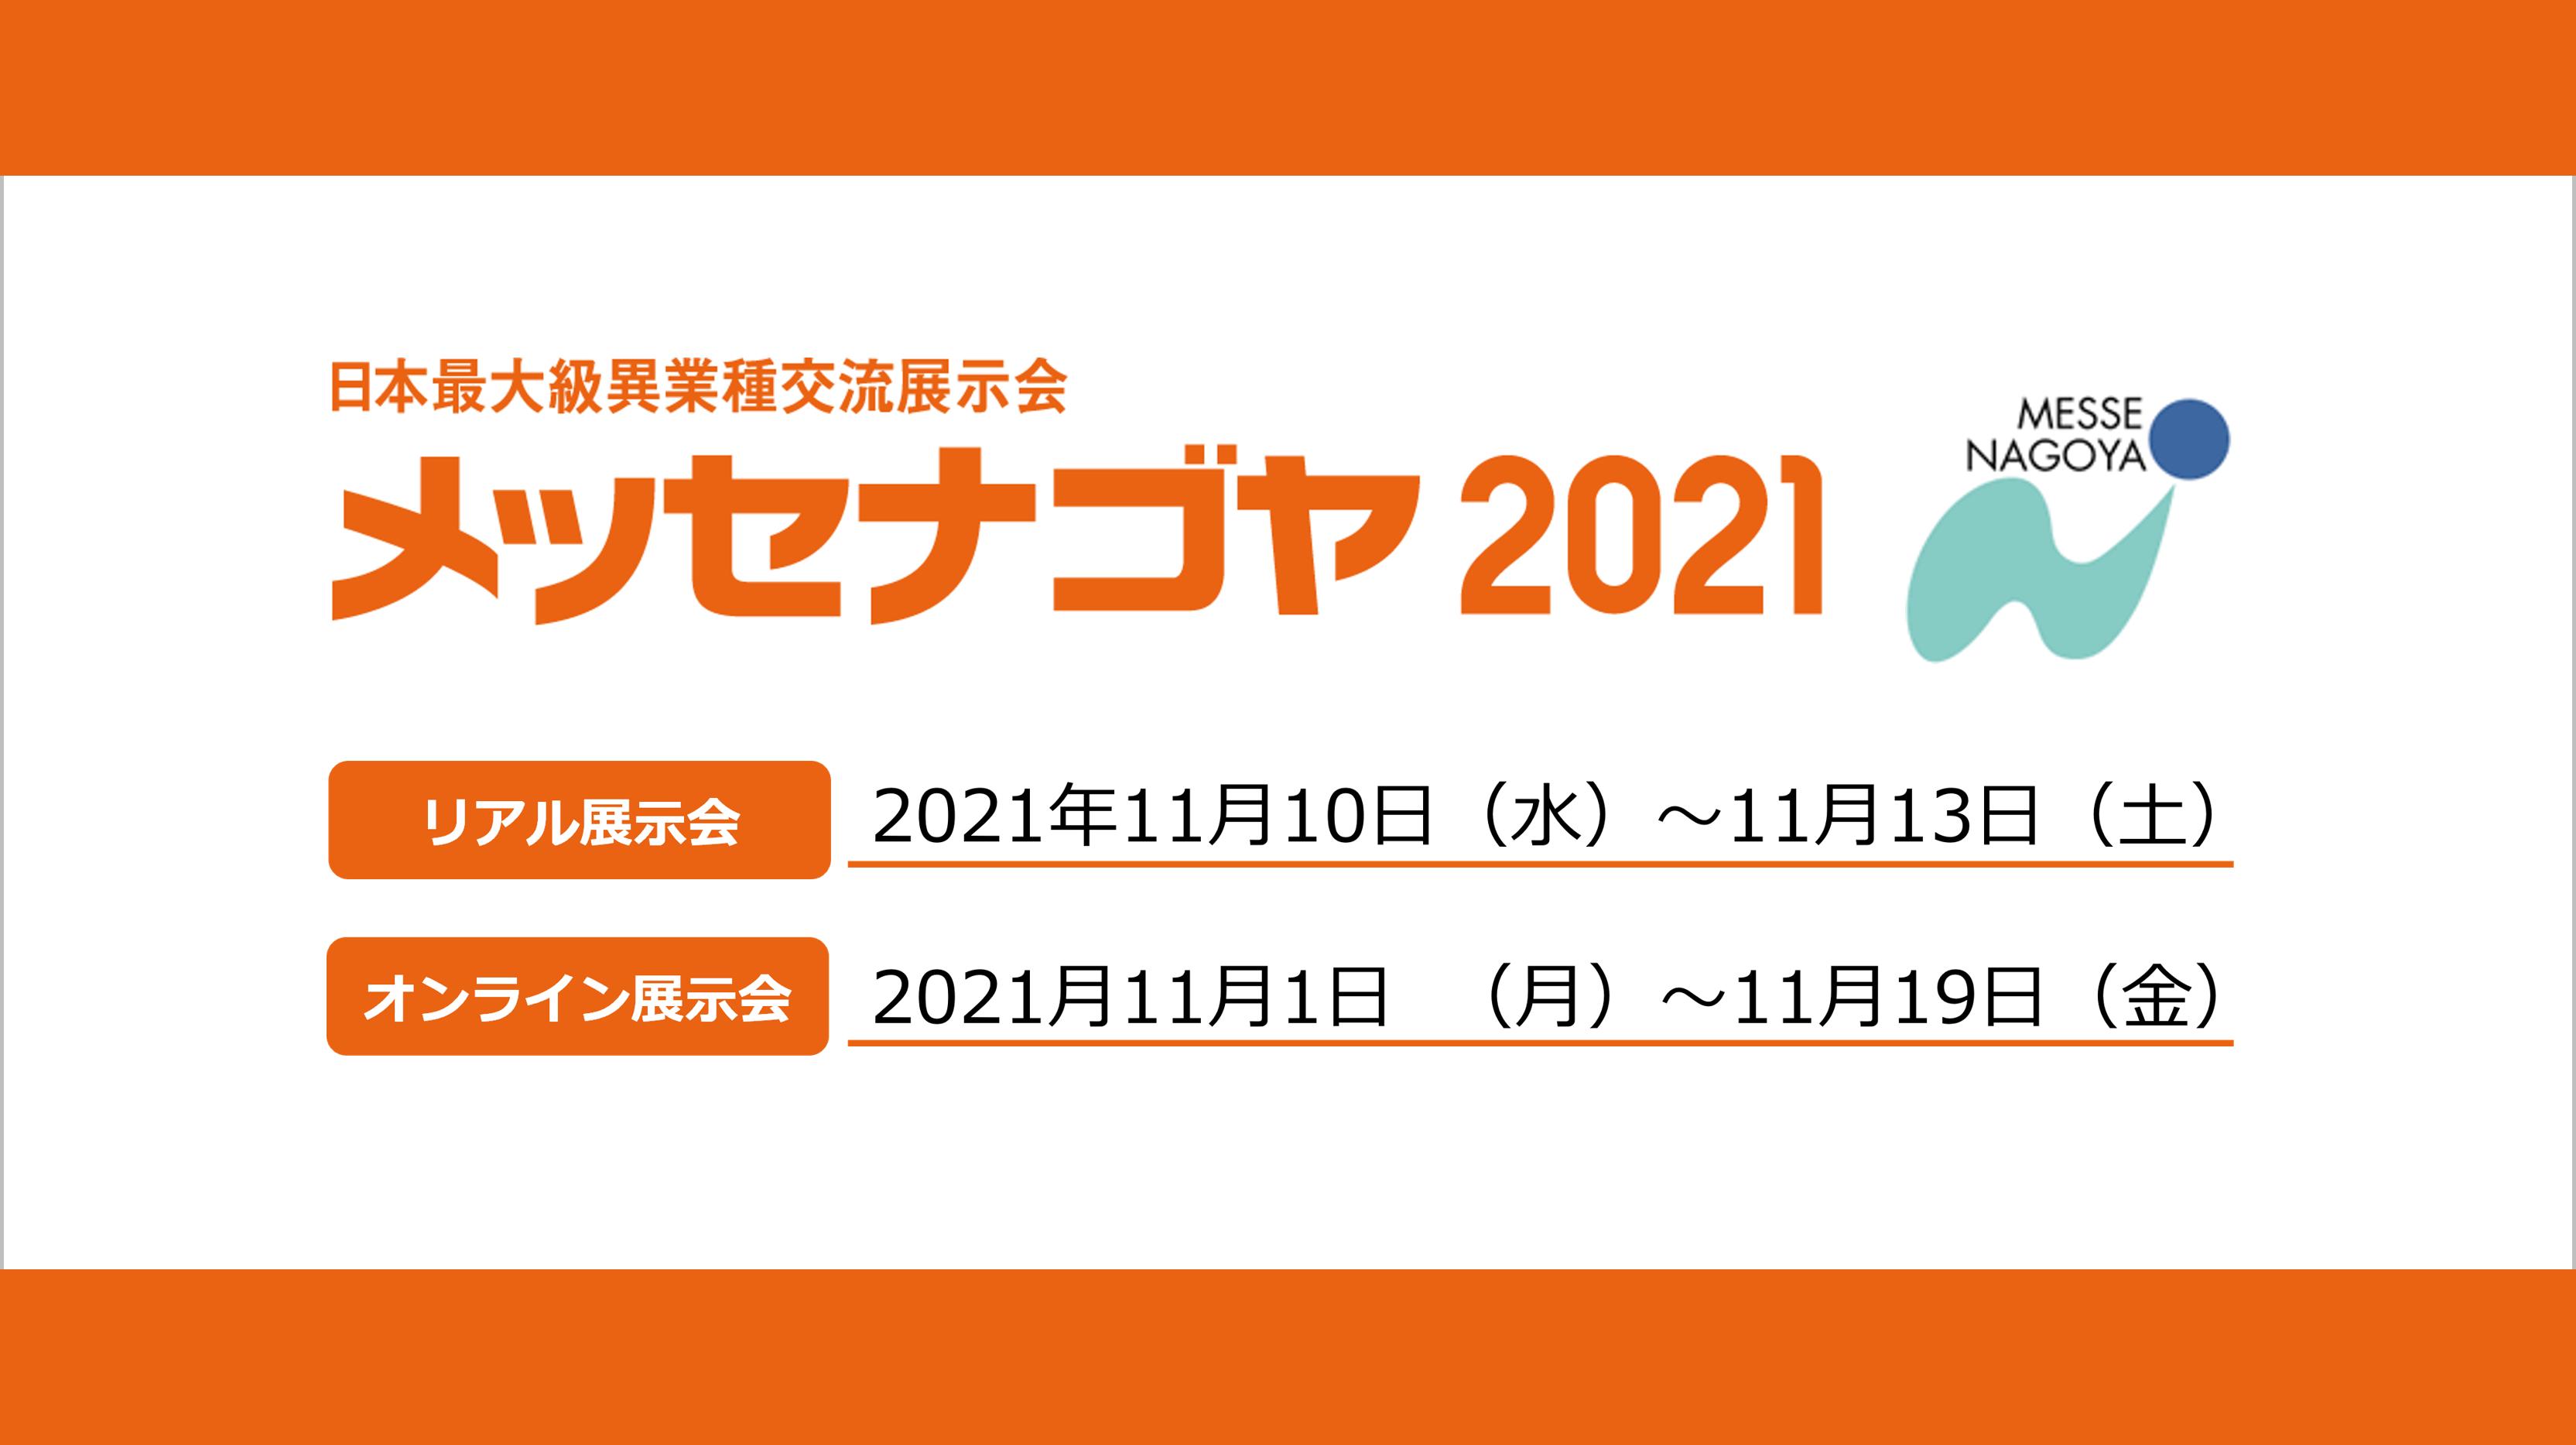 イーバリューが「メッセナゴヤ2021」に出展します